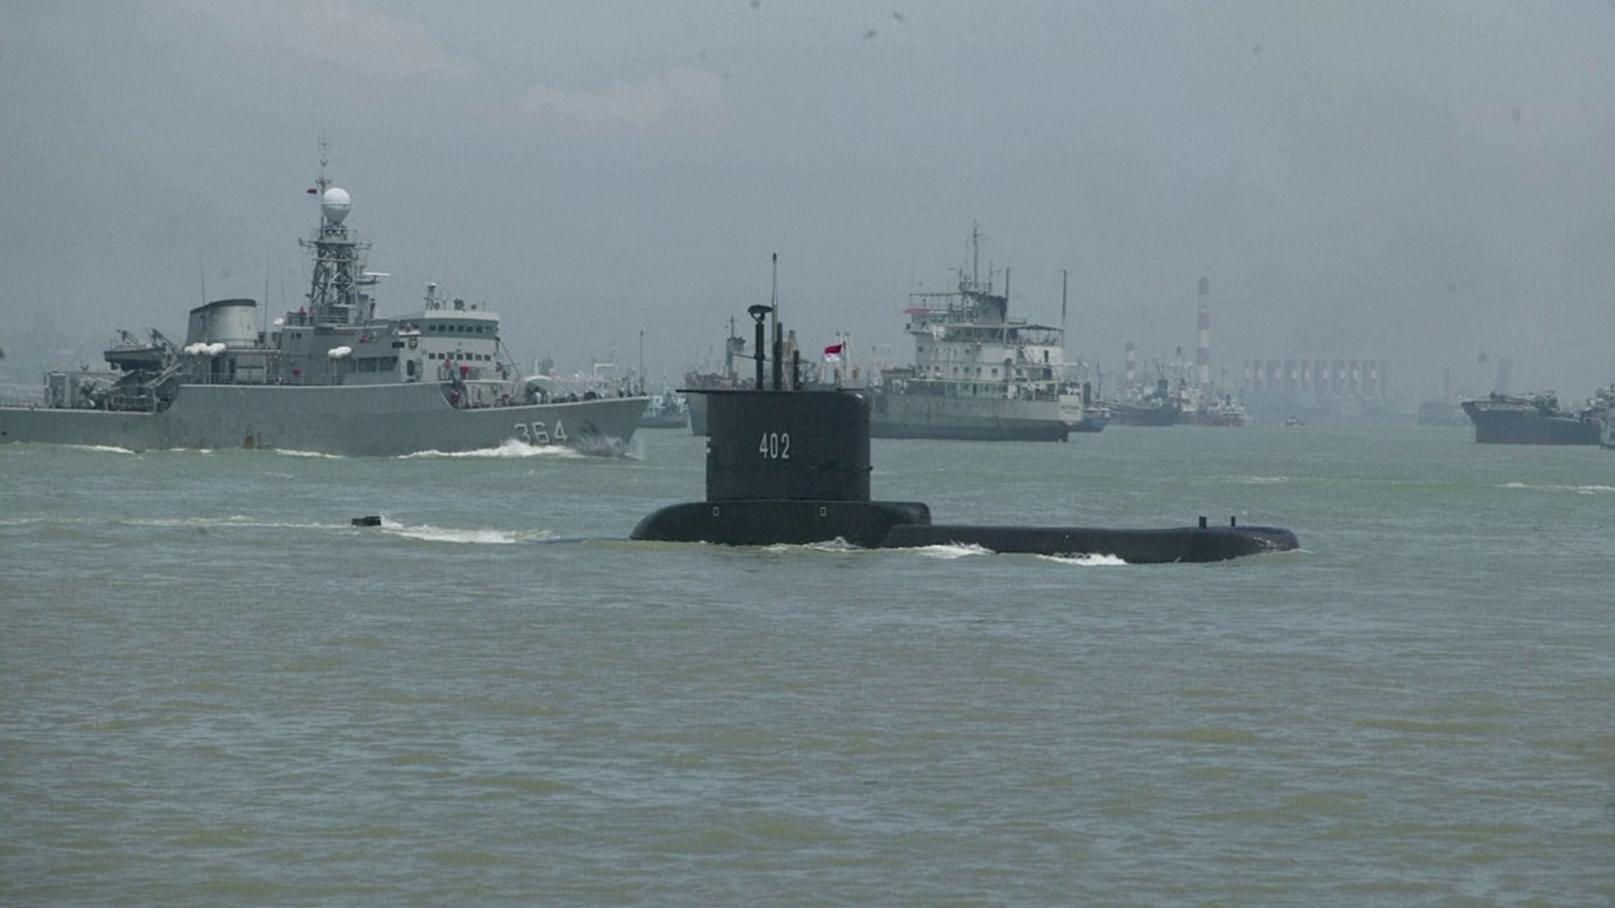 Indonésia encontrou objeto metálico que pode ser de submarino desaparecido